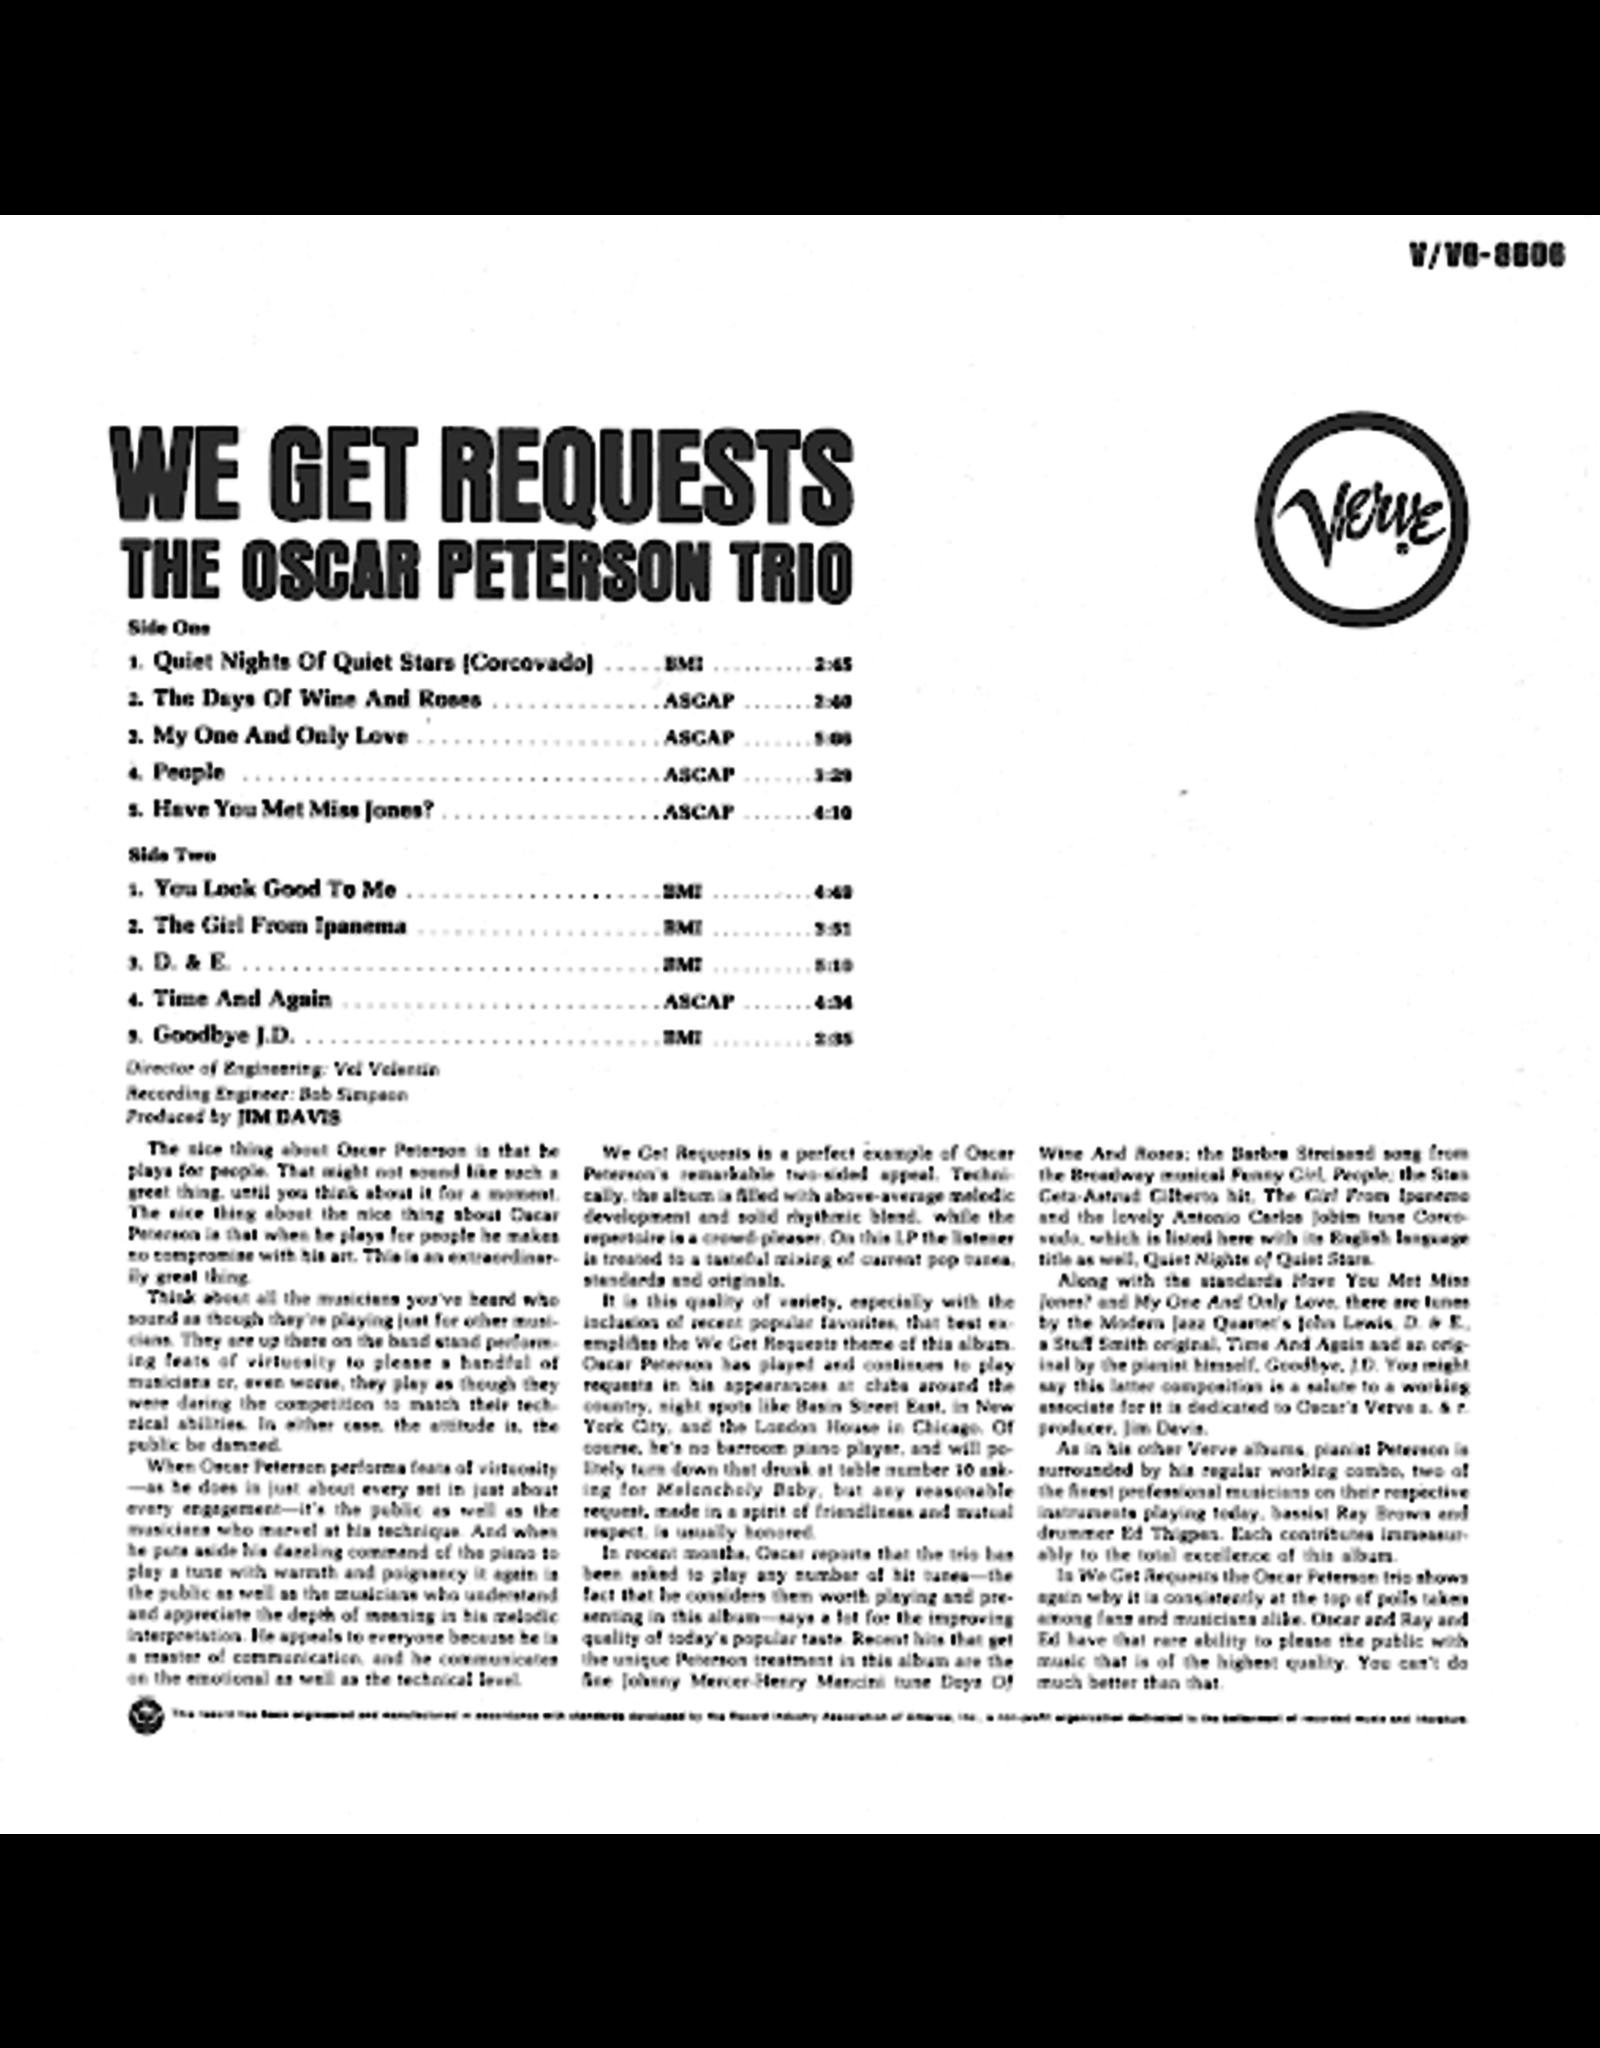 Oscar Peterson Trio - We Get Requests